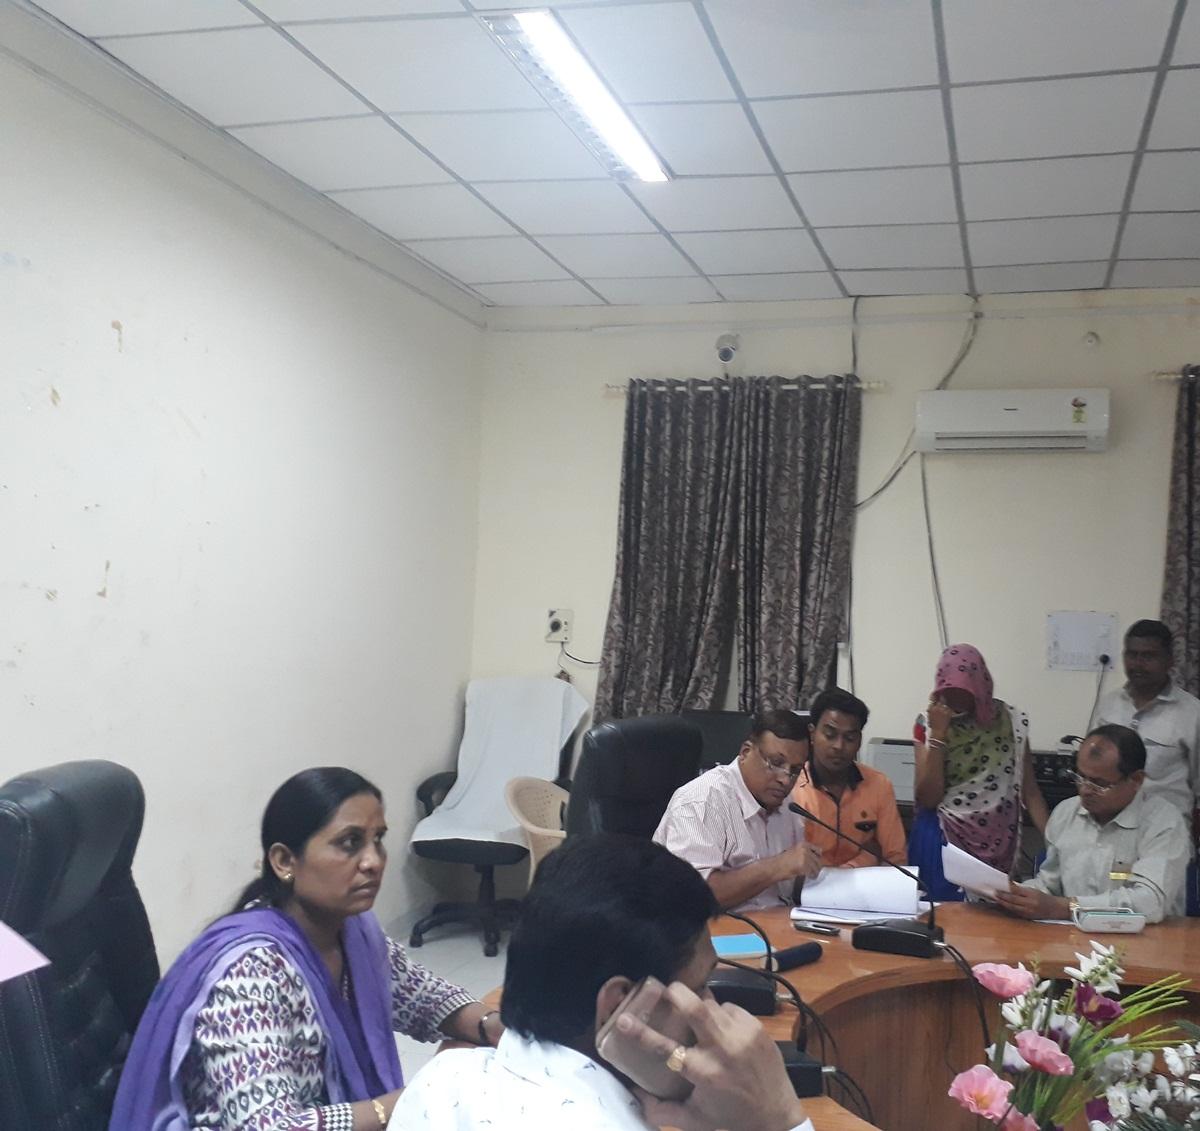 जनसुनवाई में सीईओ जिला पंचायत एवं एडीएम ने लिये आवेदन-Application-taken-in-jansunvai-CEO-District-Panchayat-and-ADM-jhabua